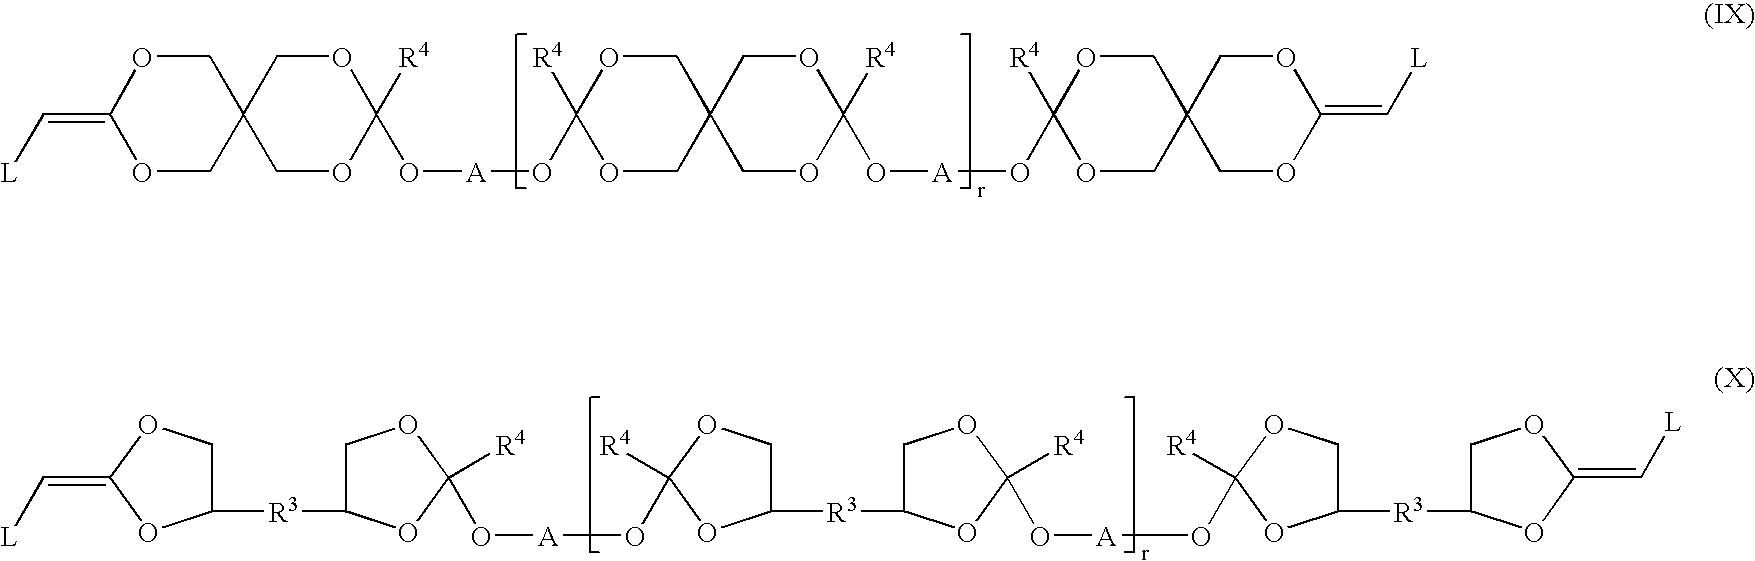 Figure US20030152630A1-20030814-C00014